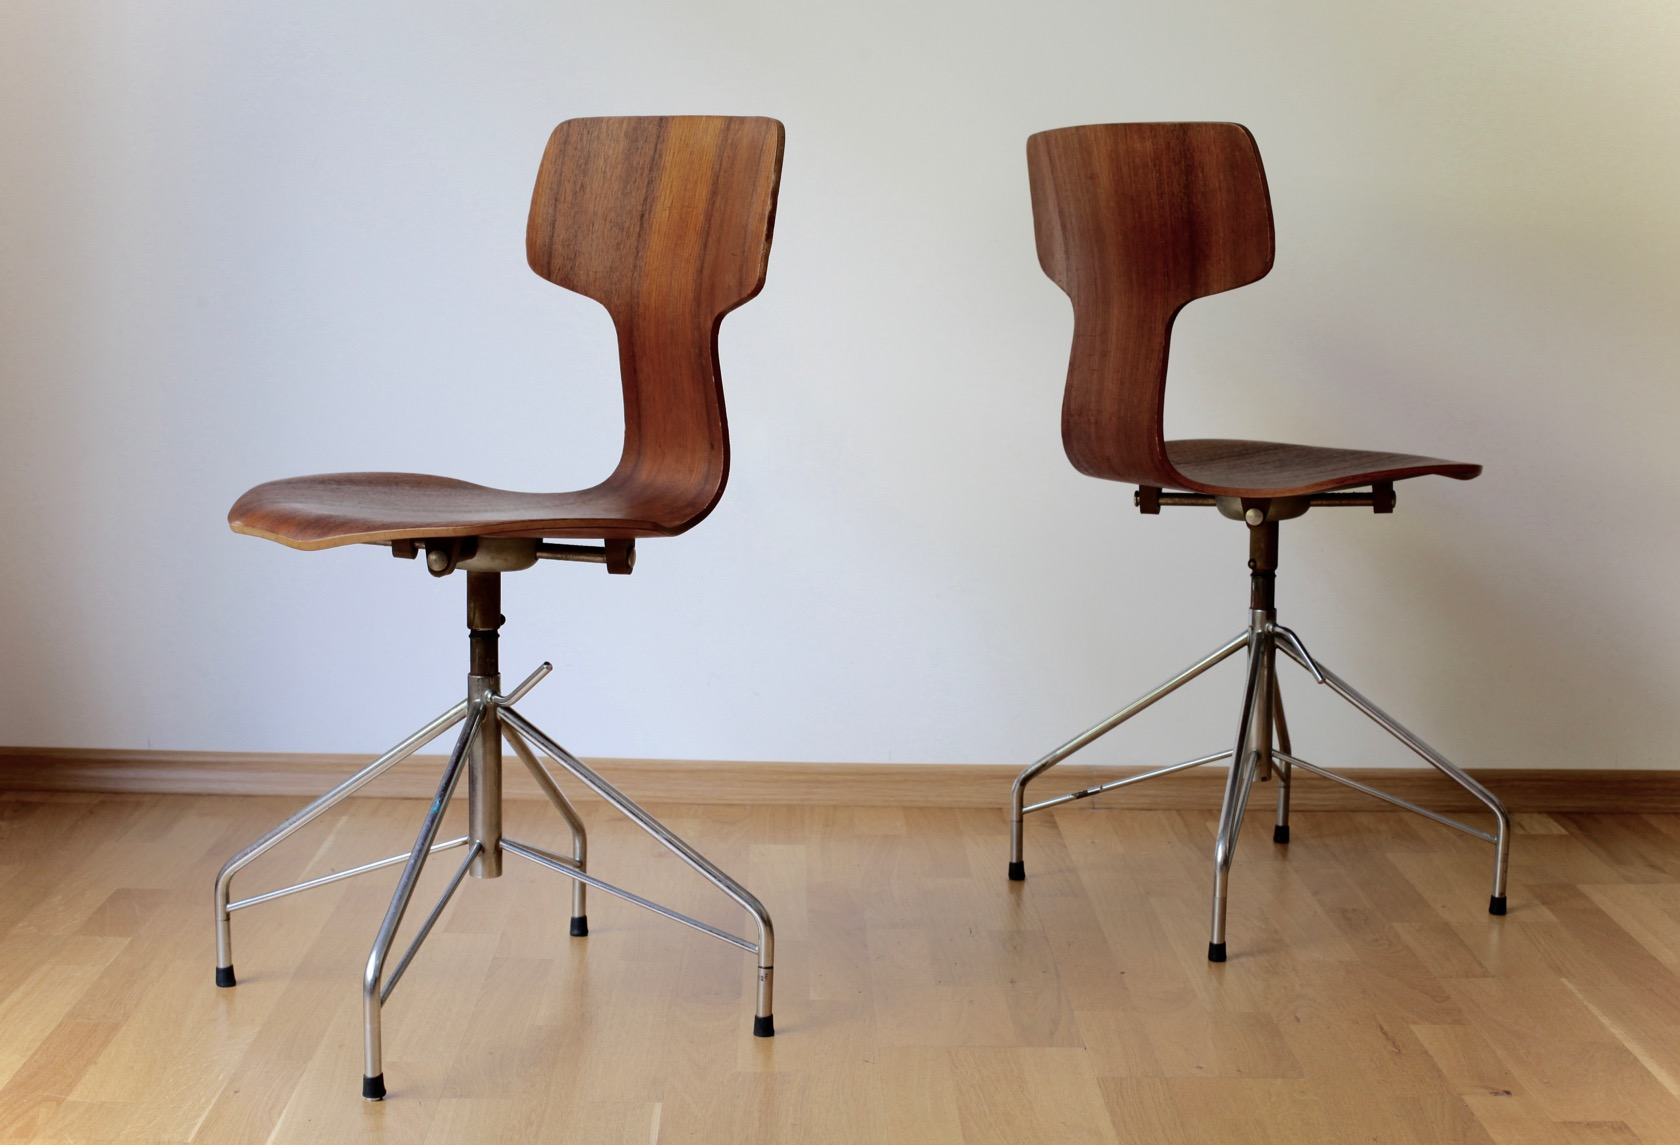 Zwei t chairs von arne jacobsen raumwunder vintage - Arne jacobsen drehstuhl ...